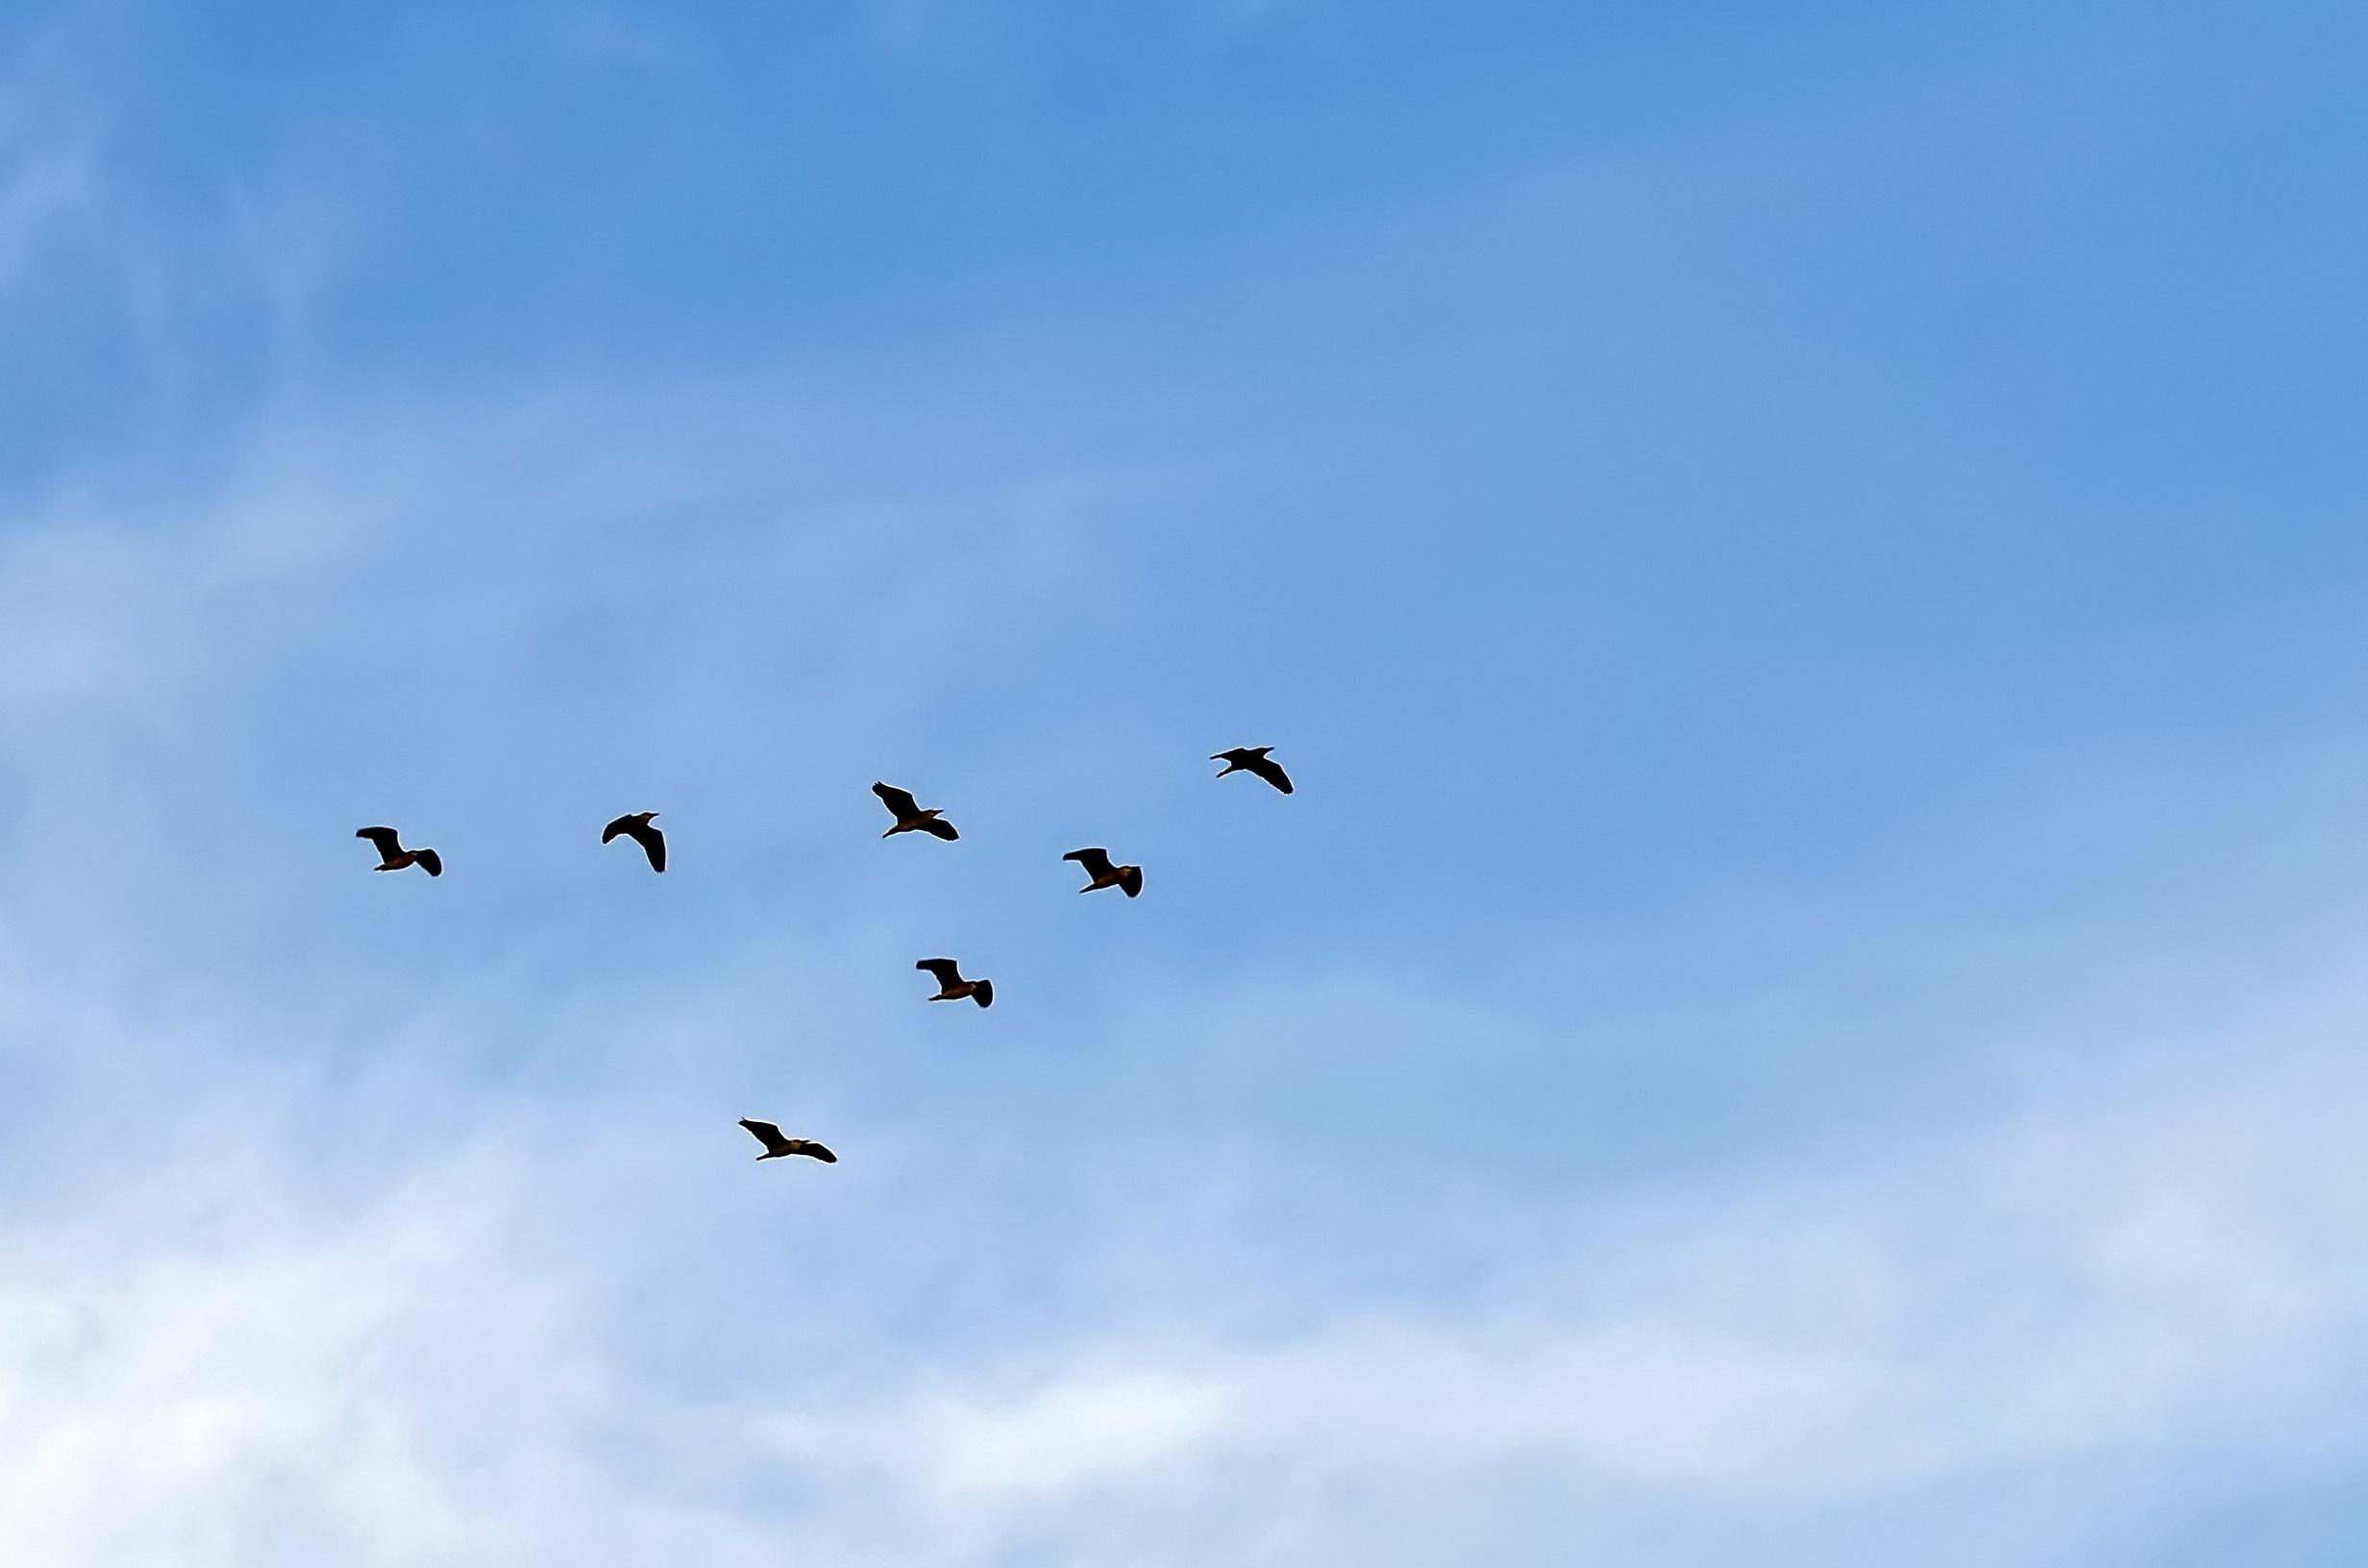 飞翔在兰天上的小鸟